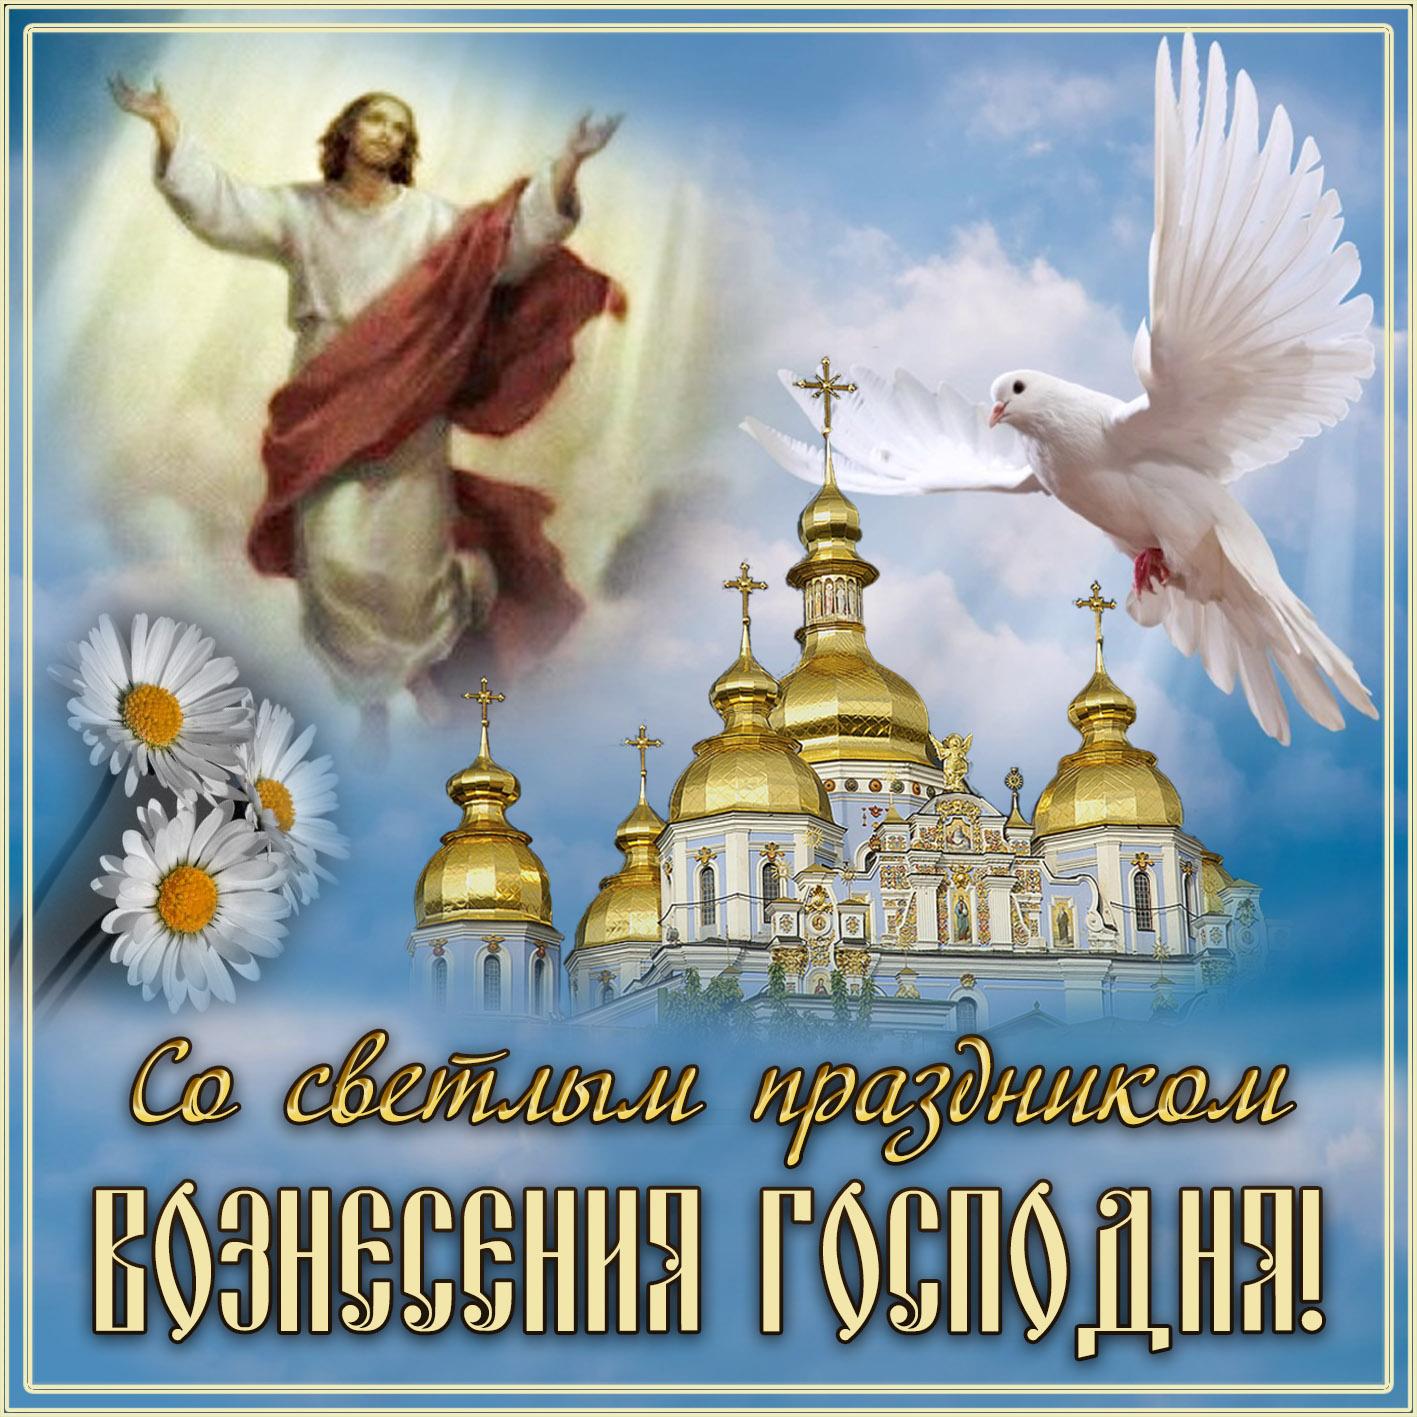 Картинки гифки, открытка вознесения господня